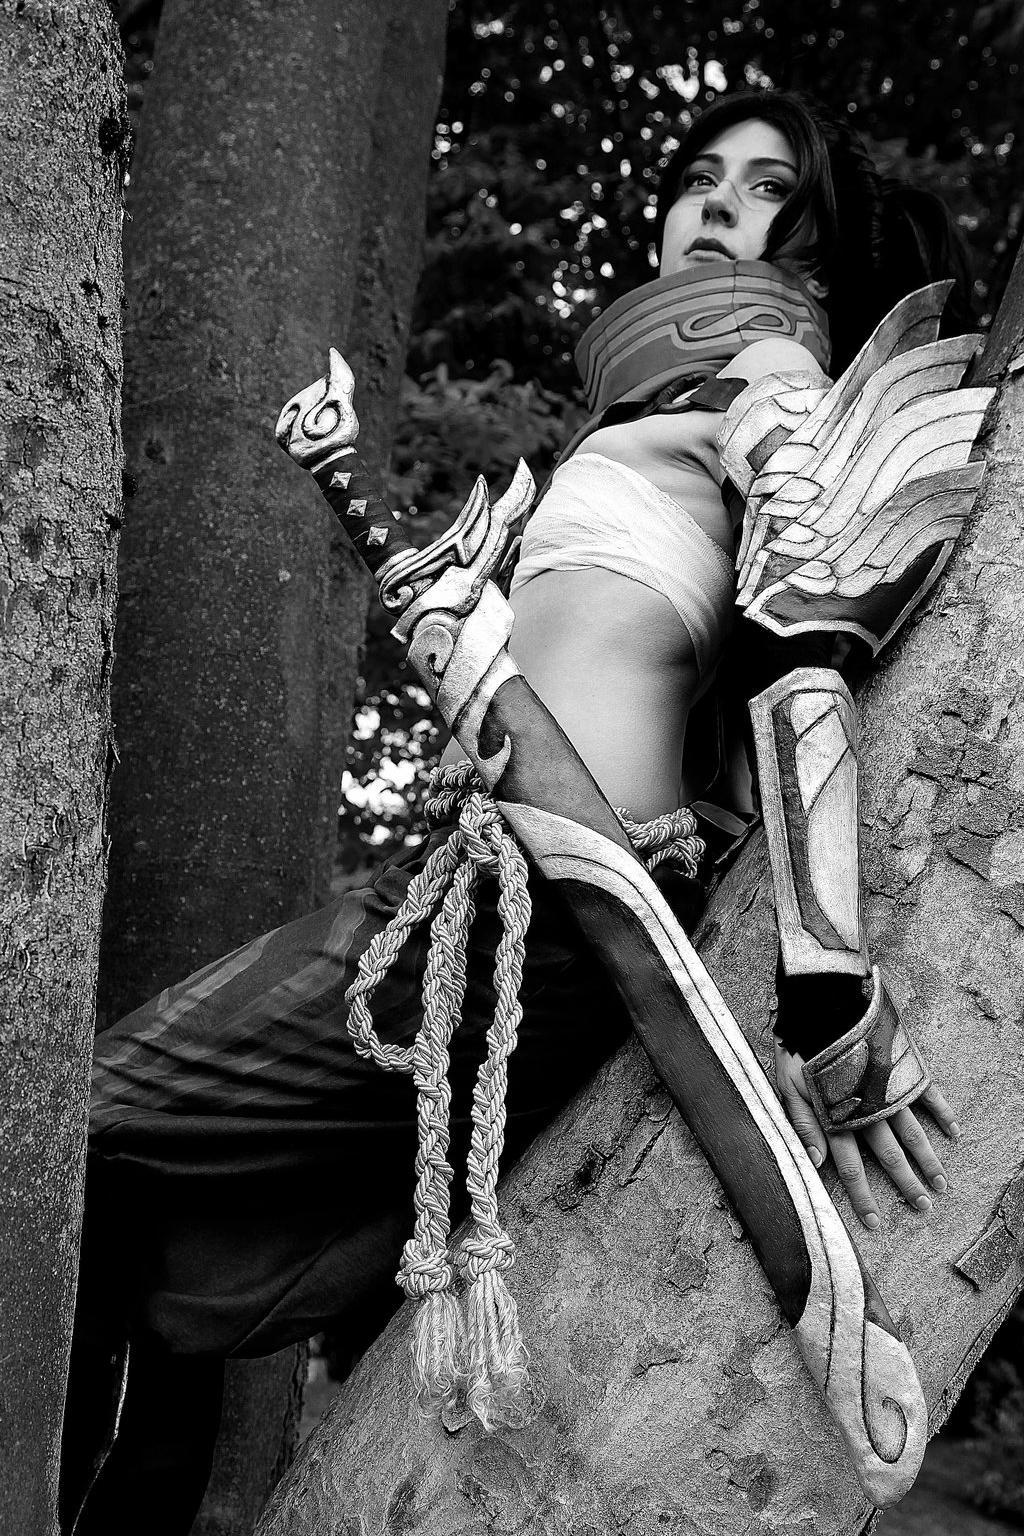 Ngắm cosplay Yasuo phiên bản nữ cực quyến rũ - Ảnh 14